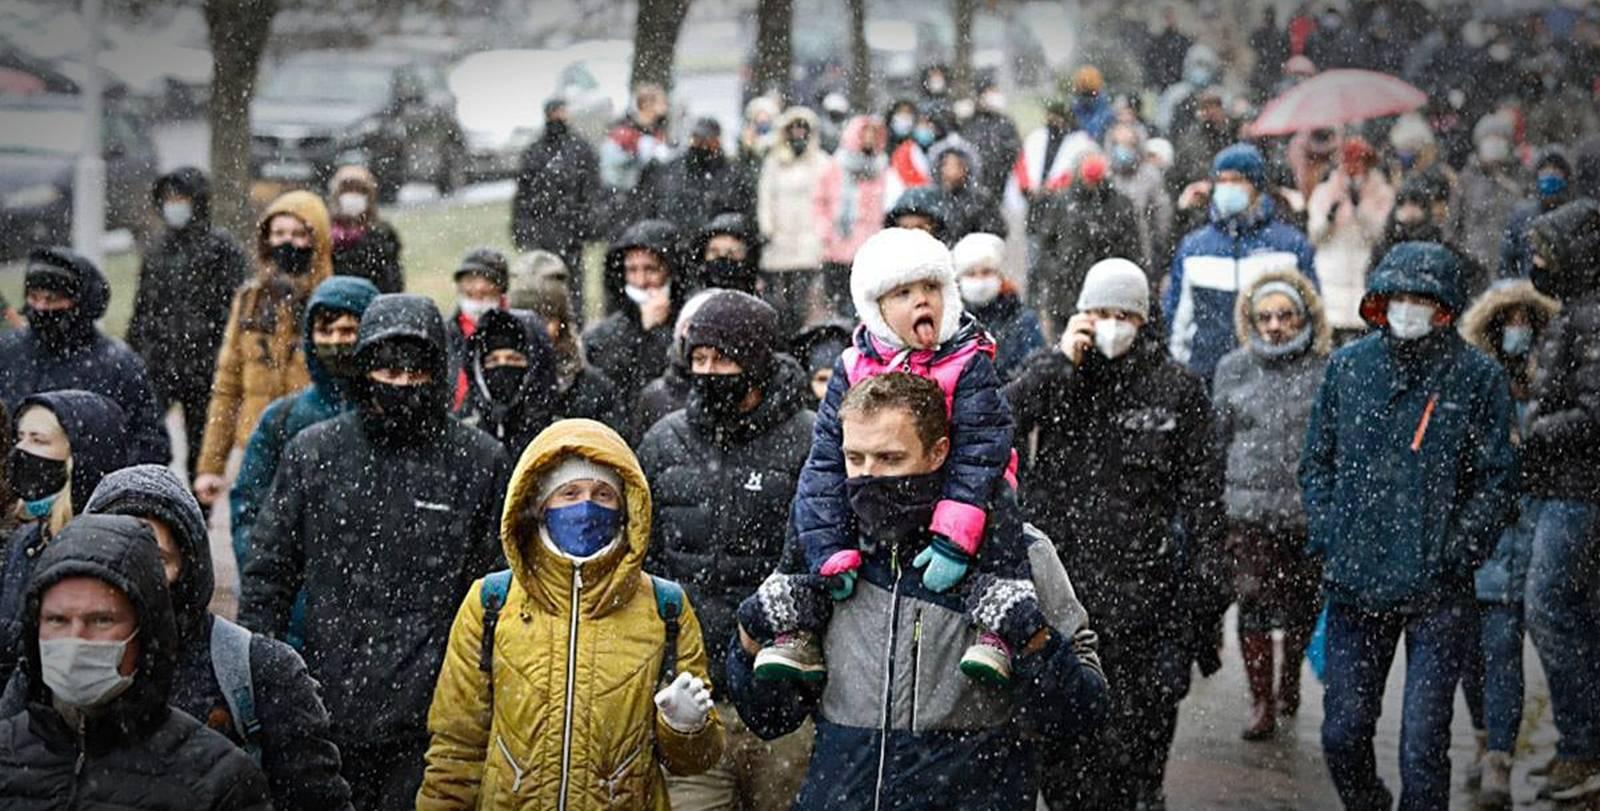 Беларусь в переходный период: сценарии развития ситуации